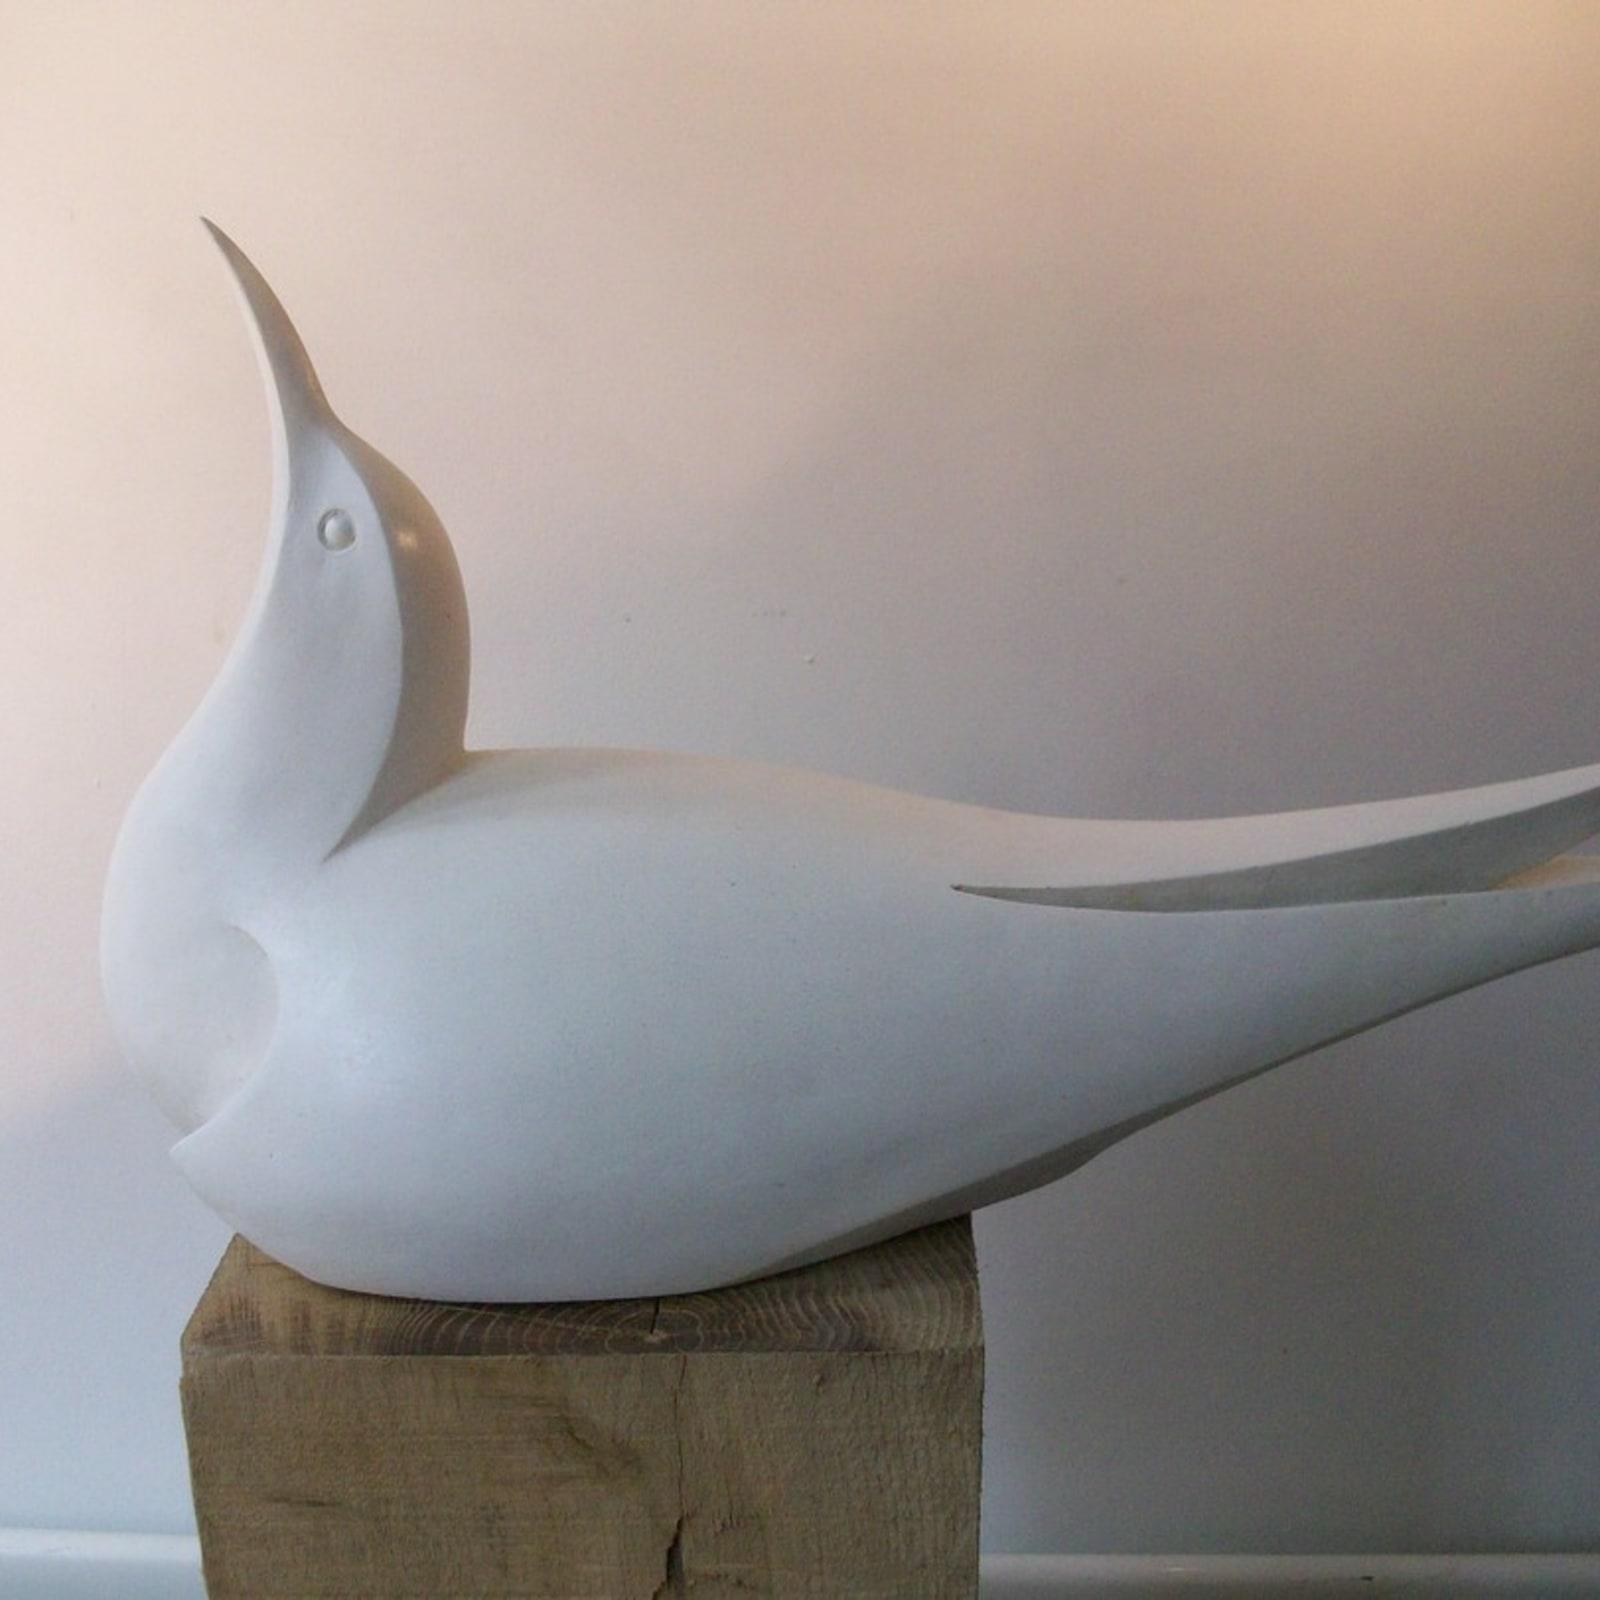 Paul Harvey, Tern, 2019